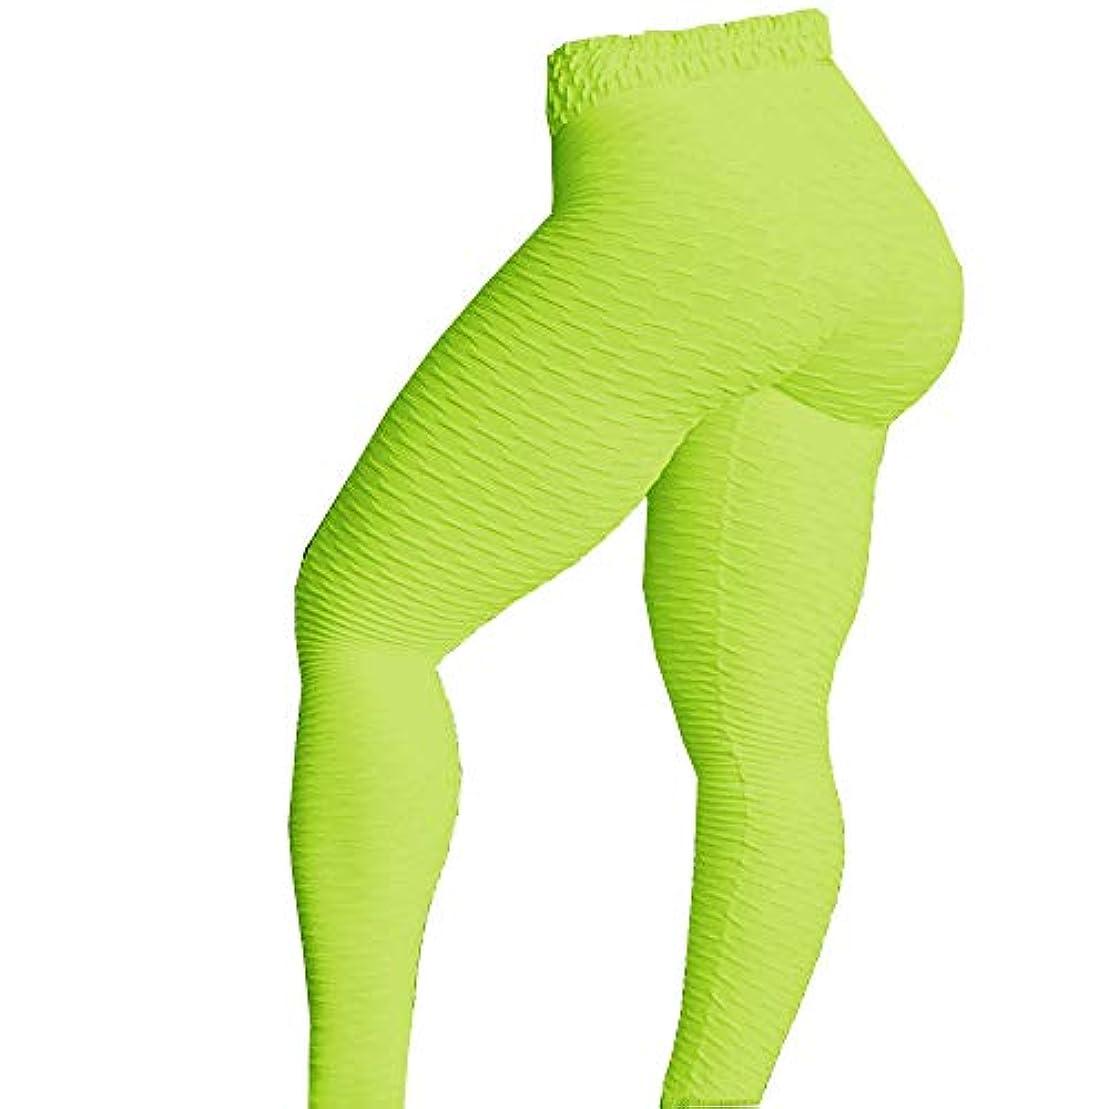 評判ブラザー見る人MIFAN パンツ女性、ハイウエストパンツ、スキニーパンツ、ヨガレギンス、女性のズボン、ランニングパンツ、スポーツウェア